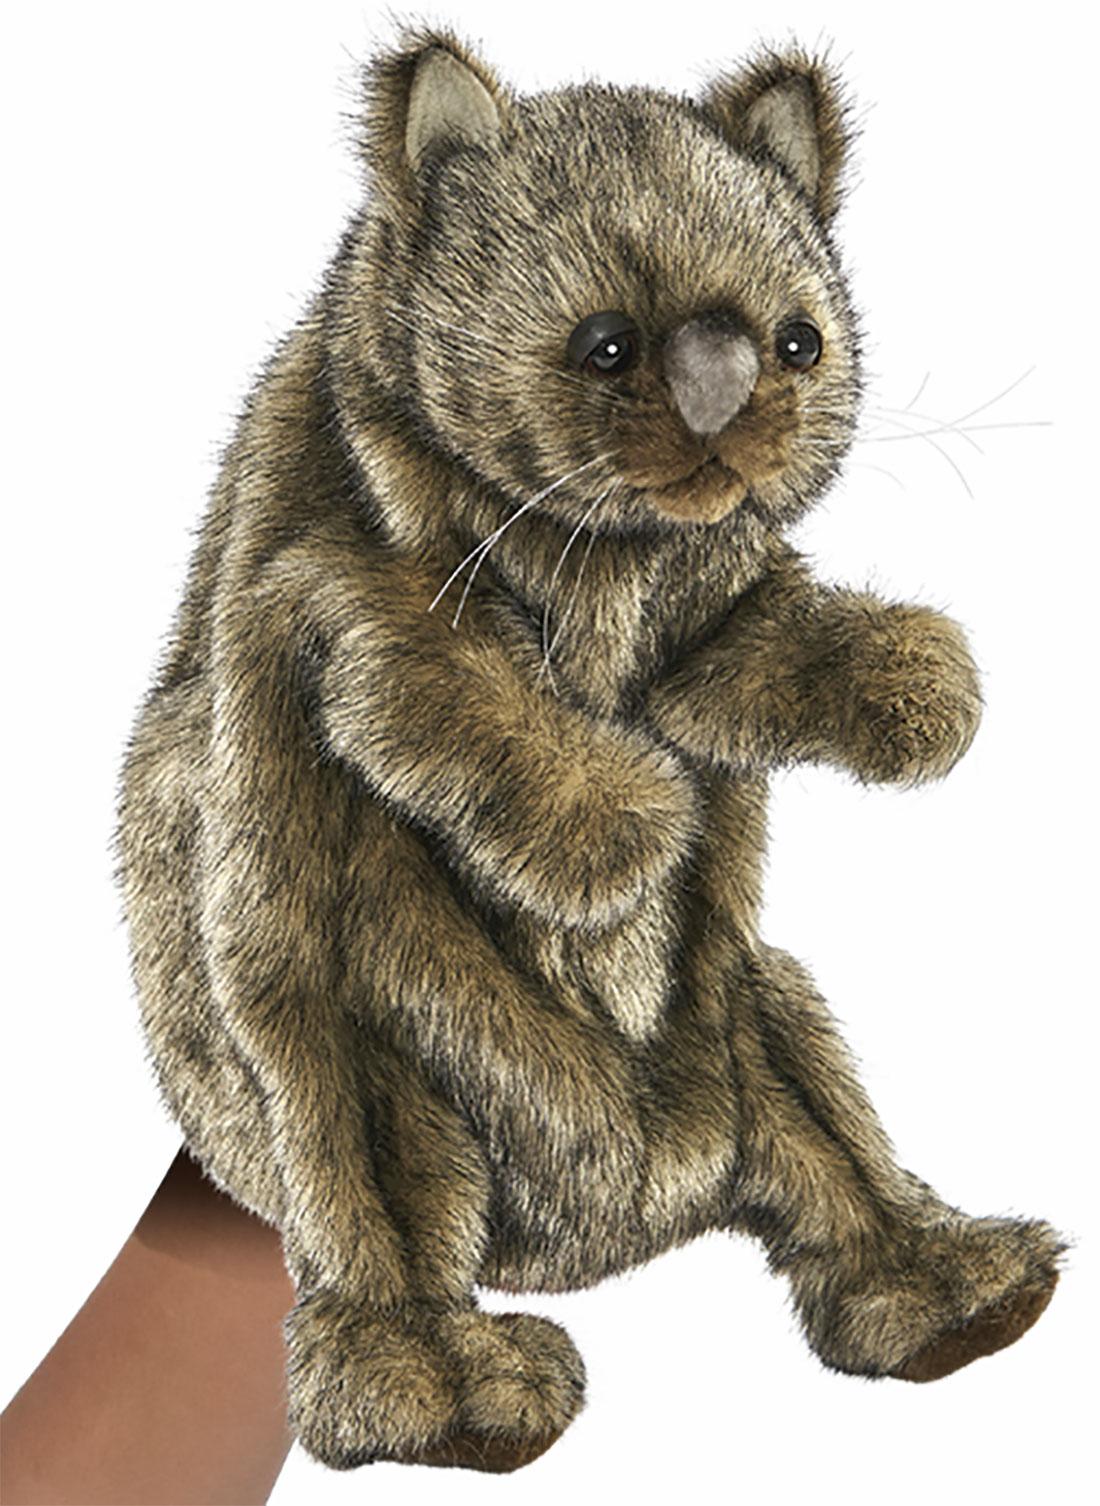 Hansa Handpuppe Wombat originalgetreu 23cm Beutelsauger Theaterpuppe